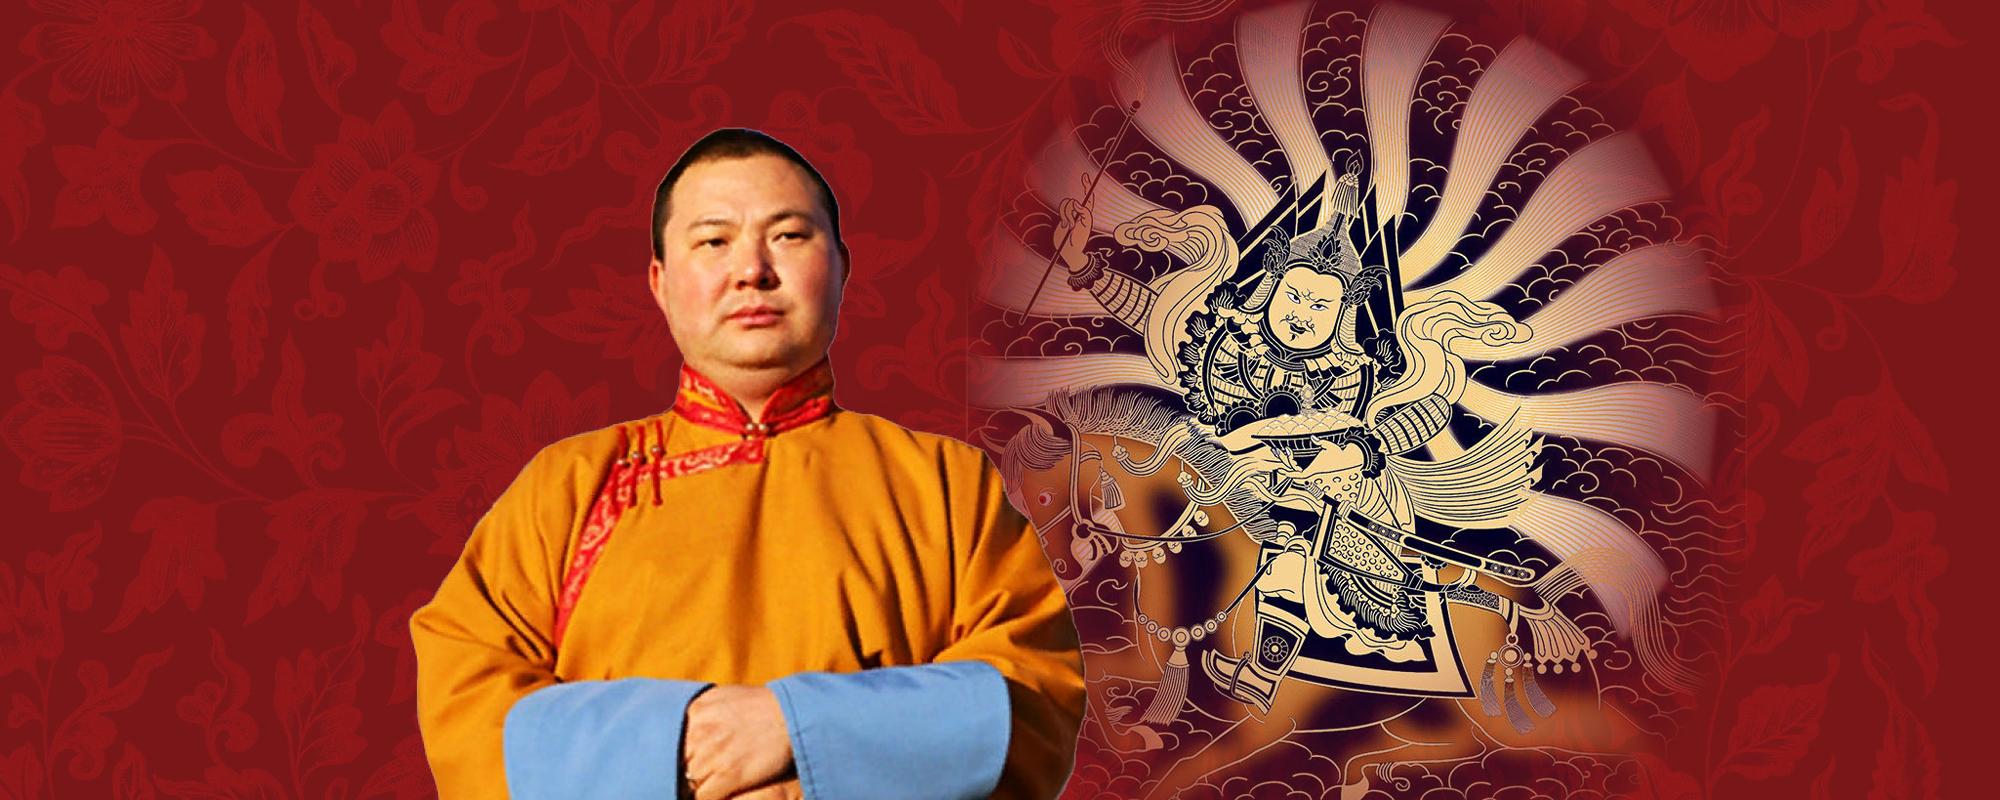 Telo Rinpocse Geszár Király áldását adja Taron @ Tar - Tara templom